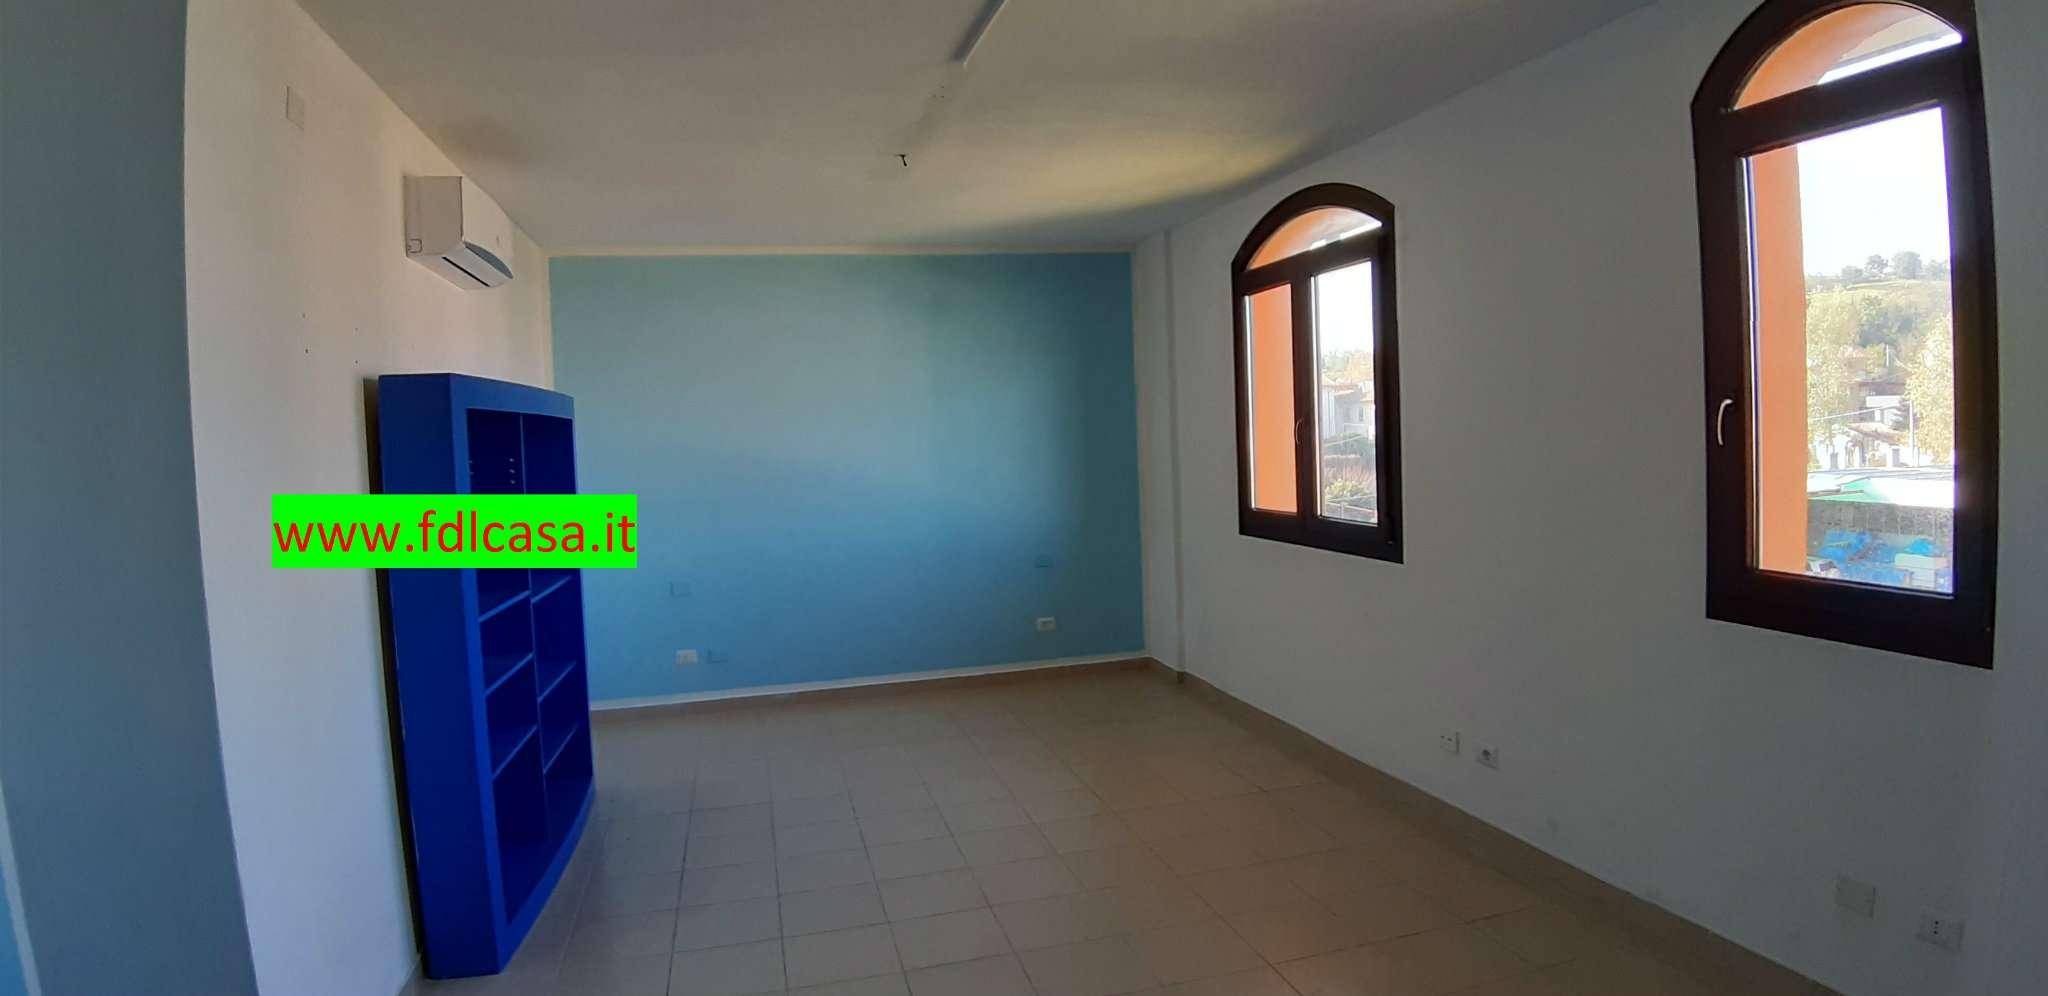 Ufficio / Studio in vendita a San Miniato, 4 locali, prezzo € 600   PortaleAgenzieImmobiliari.it